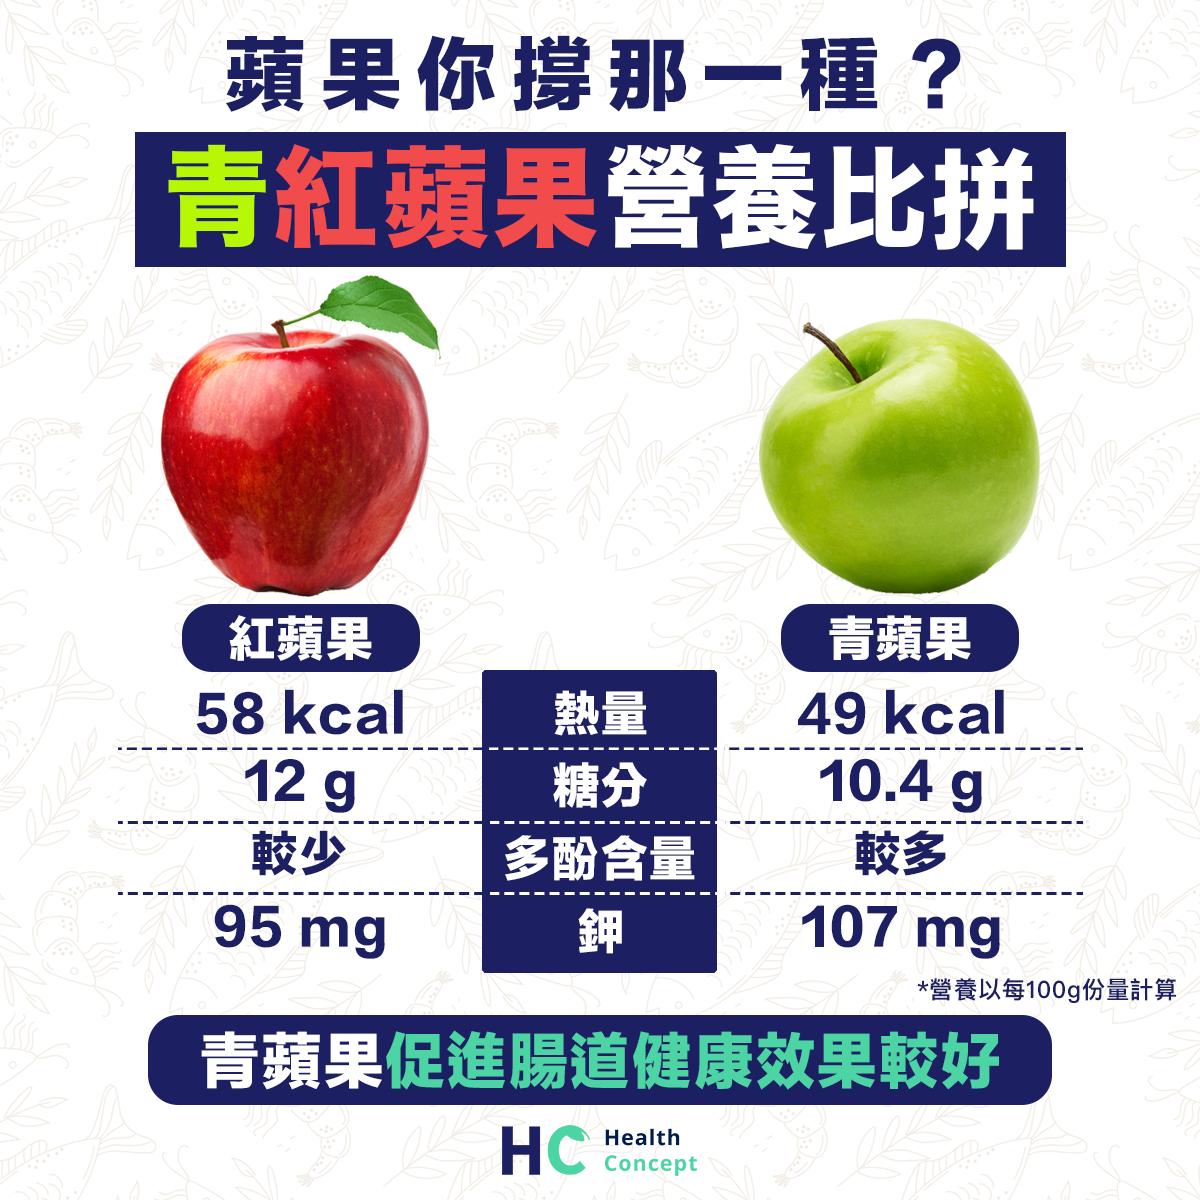 【營養食物】蘋果你撐那一種? 青紅蘋果營養比拼